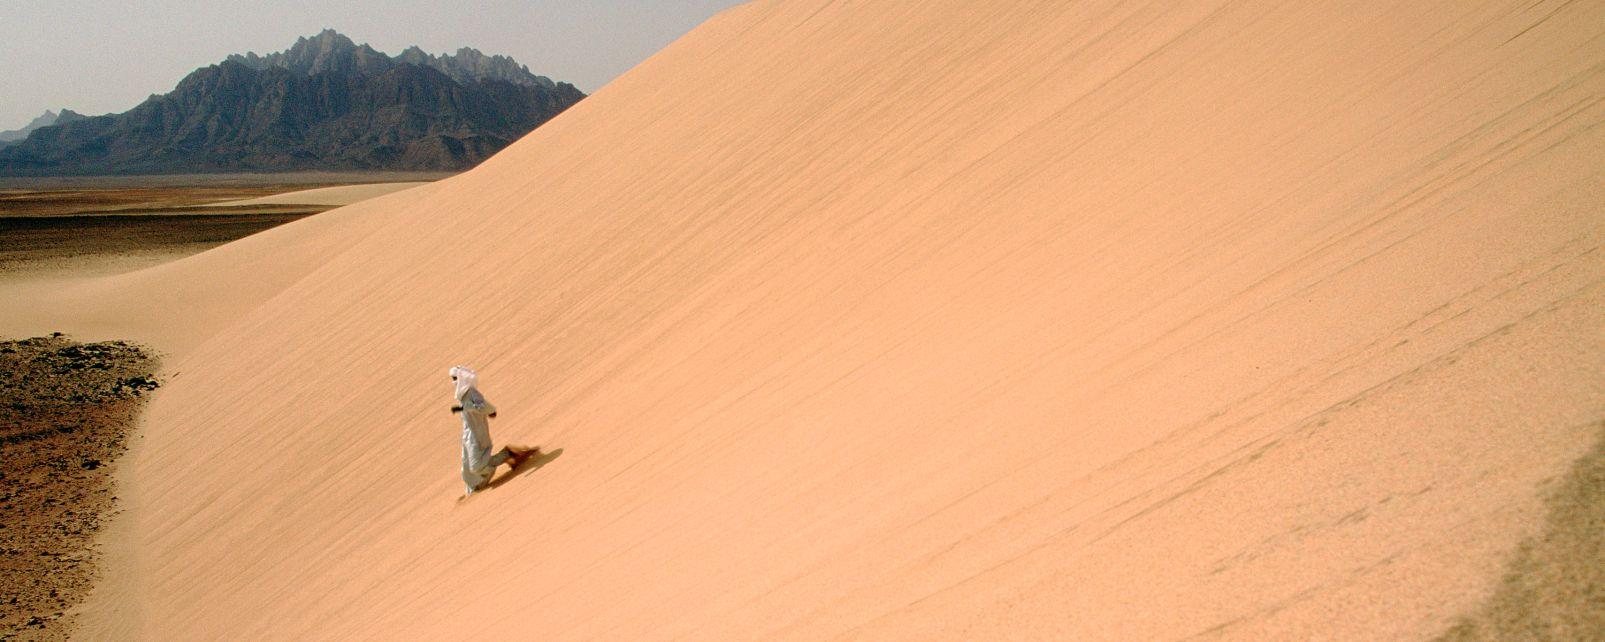 Tamanrasset, Algeria,